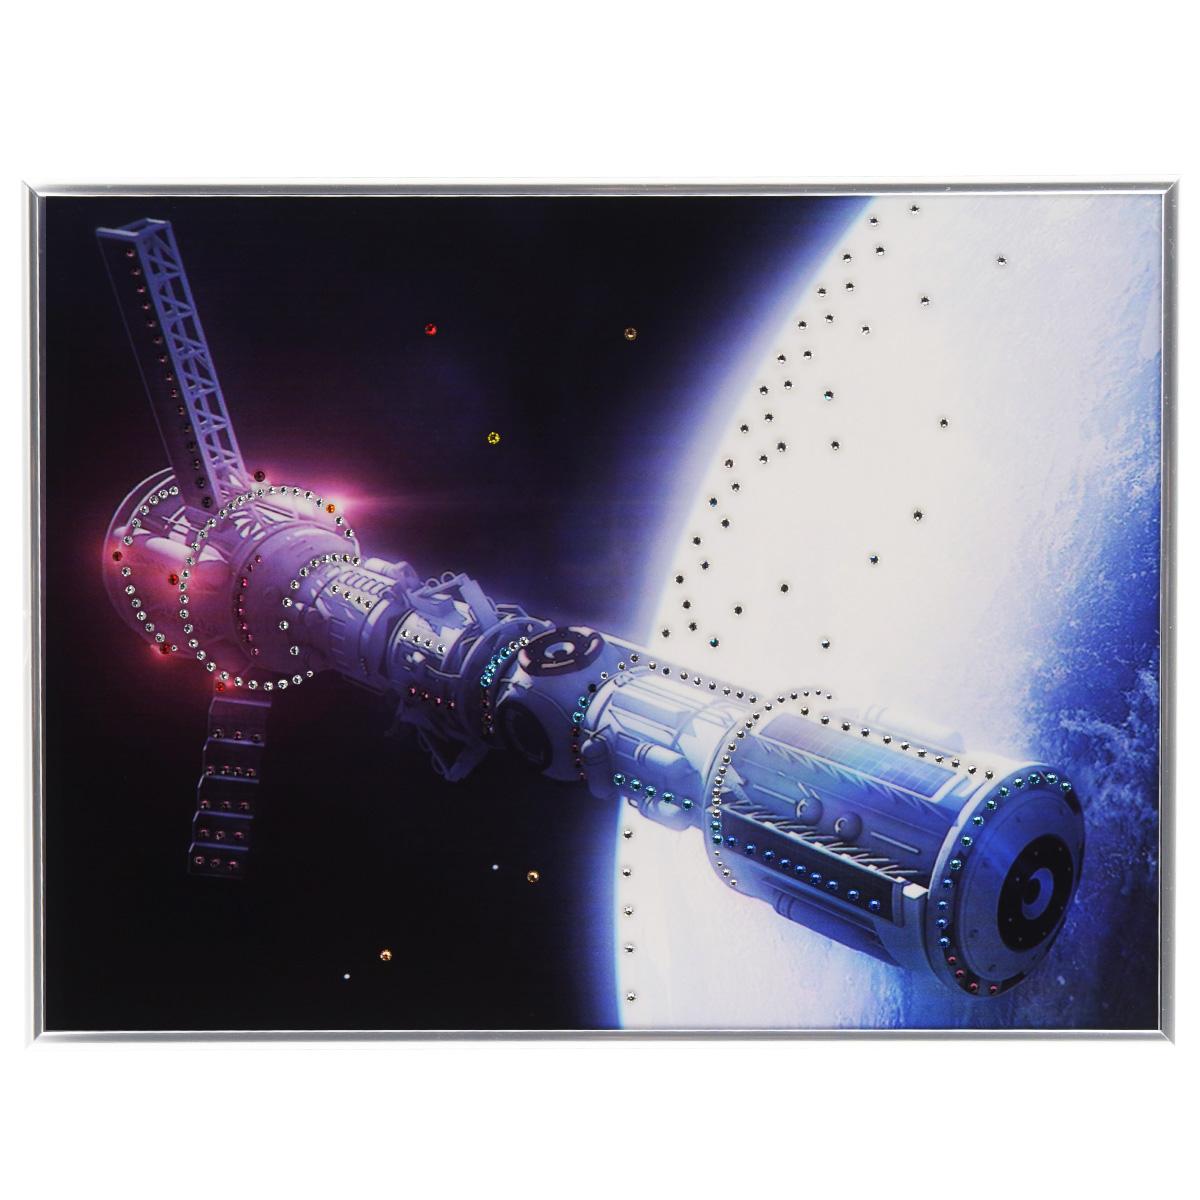 Картина с кристаллами Swarovski В космосе, 40 см х 30 смPM-3304Изящная картина в металлической раме, инкрустирована кристаллами Swarovski, которые отличаются четкой и ровной огранкой, ярким блеском и чистотой цвета. Красочное изображение космического корабля, расположенное под стеклом, прекрасно дополняет блеск кристаллов. С обратной стороны имеется металлическая петелька для размещения картины на стене. Картина с кристаллами Swarovski В космосе элегантно украсит интерьер дома или офиса, а также станет прекрасным подарком, который обязательно понравится получателю. Блеск кристаллов в интерьере, что может быть сказочнее и удивительнее. Картина упакована в подарочную картонную коробку синего цвета и комплектуется сертификатом соответствия Swarovski.